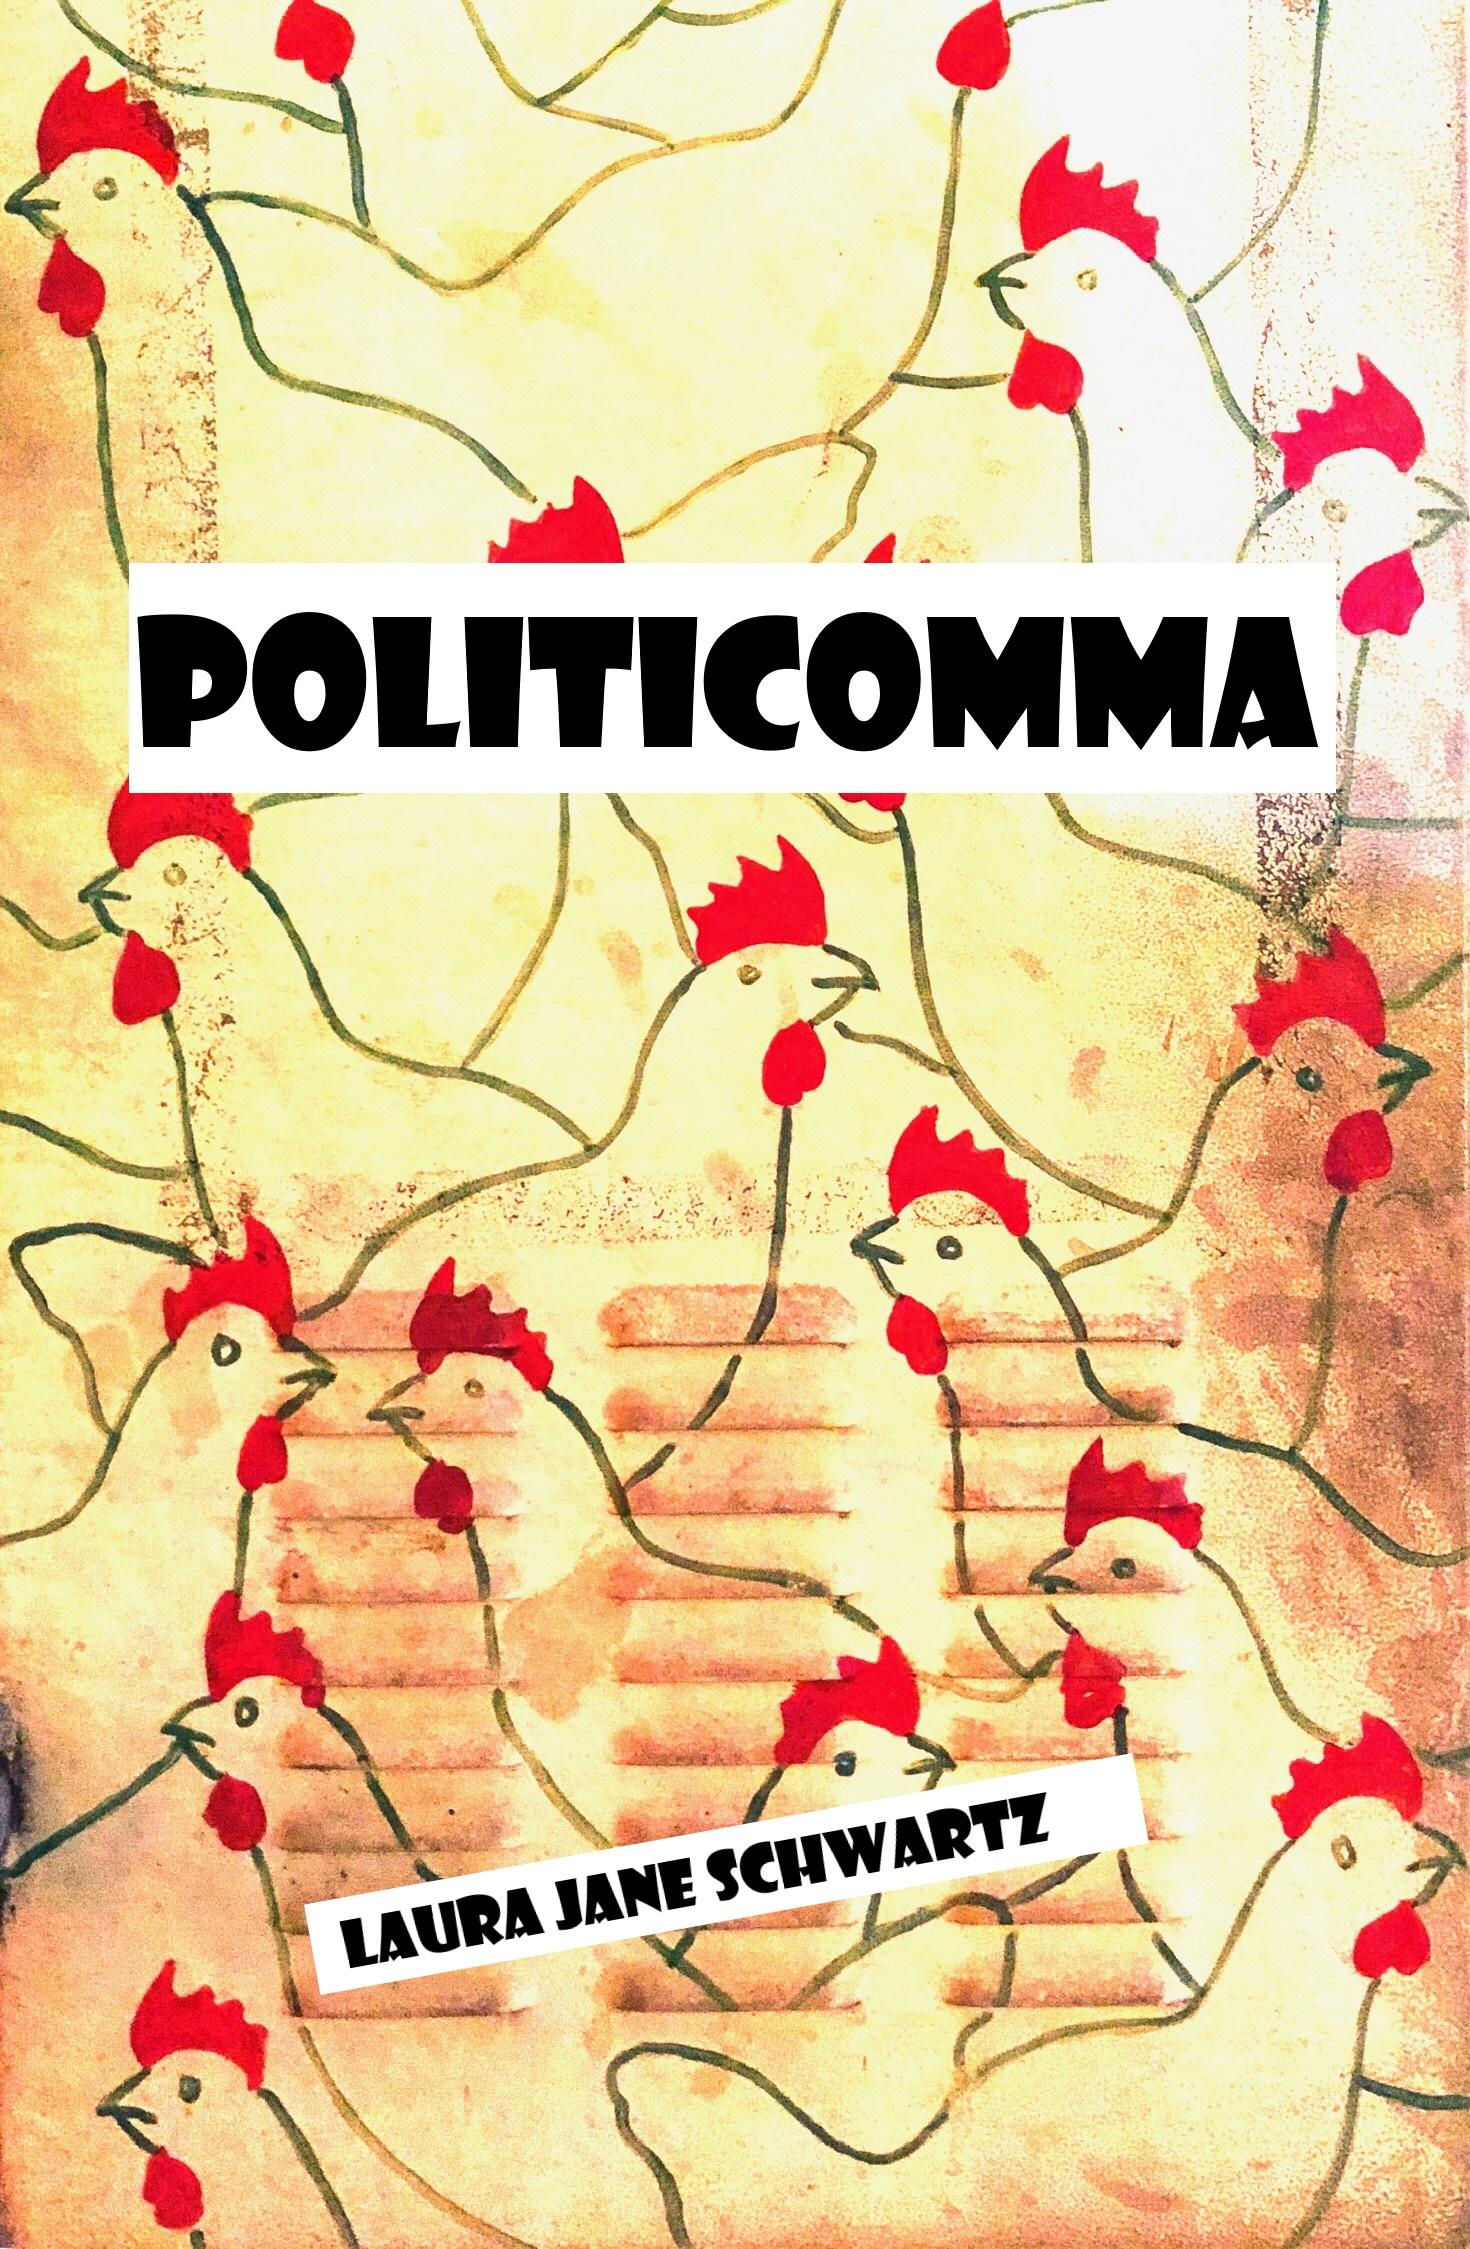 Politicomma Wattpad Cover